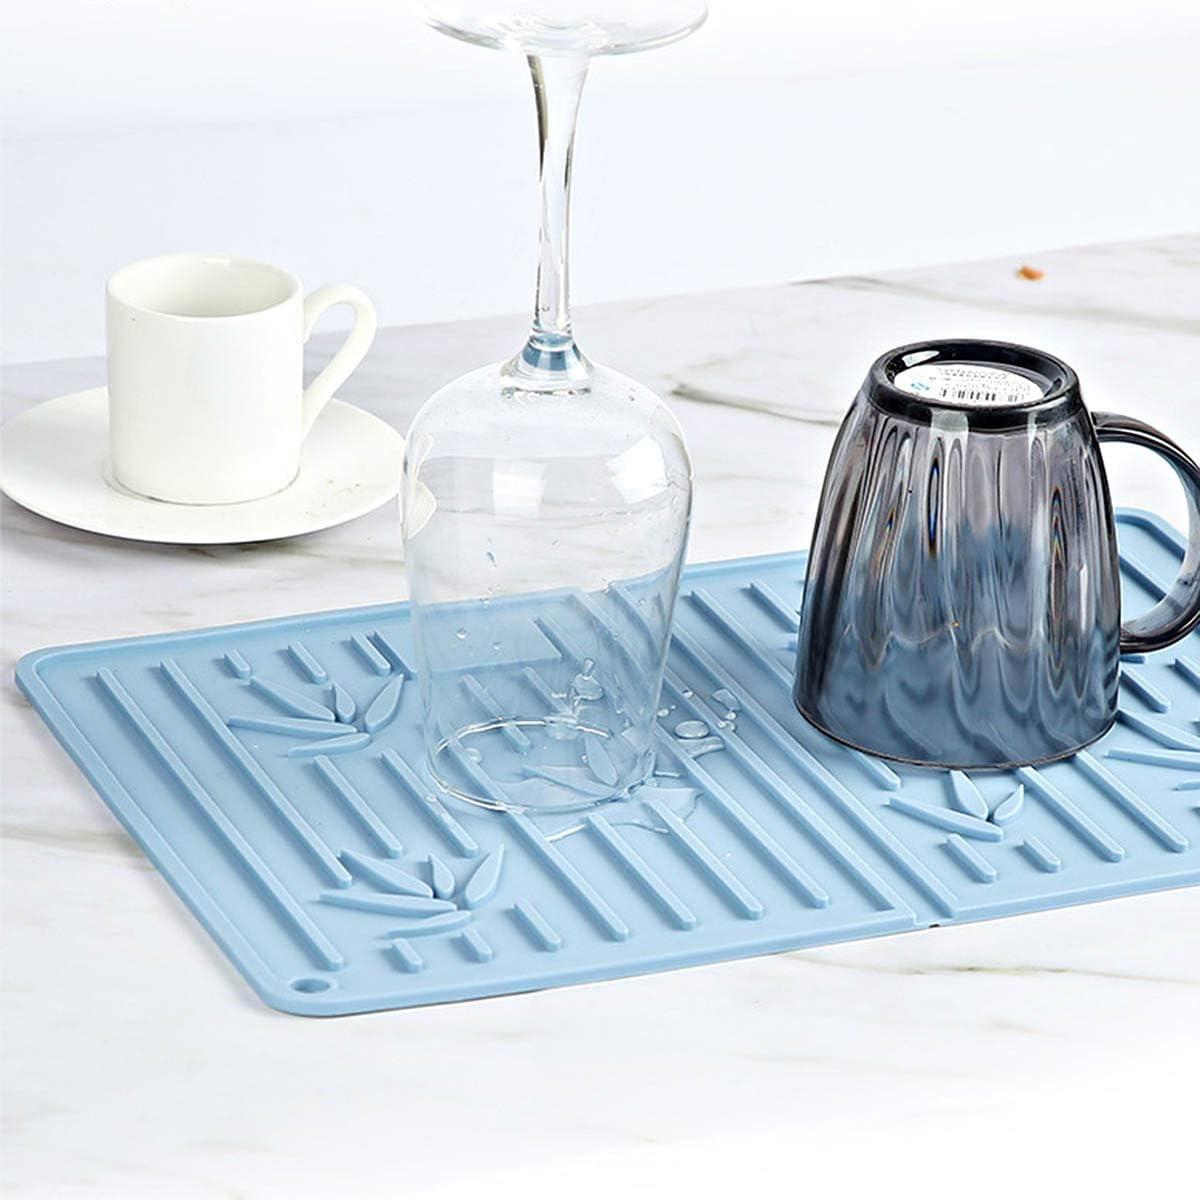 EACHPT tappetino scolapiatti in silicone tappetino per asciugare i piatti antiscivolo con spazzola tappeto di asciugatura per stoviglie stuoia drenante resistente al calore per tazza piano blu